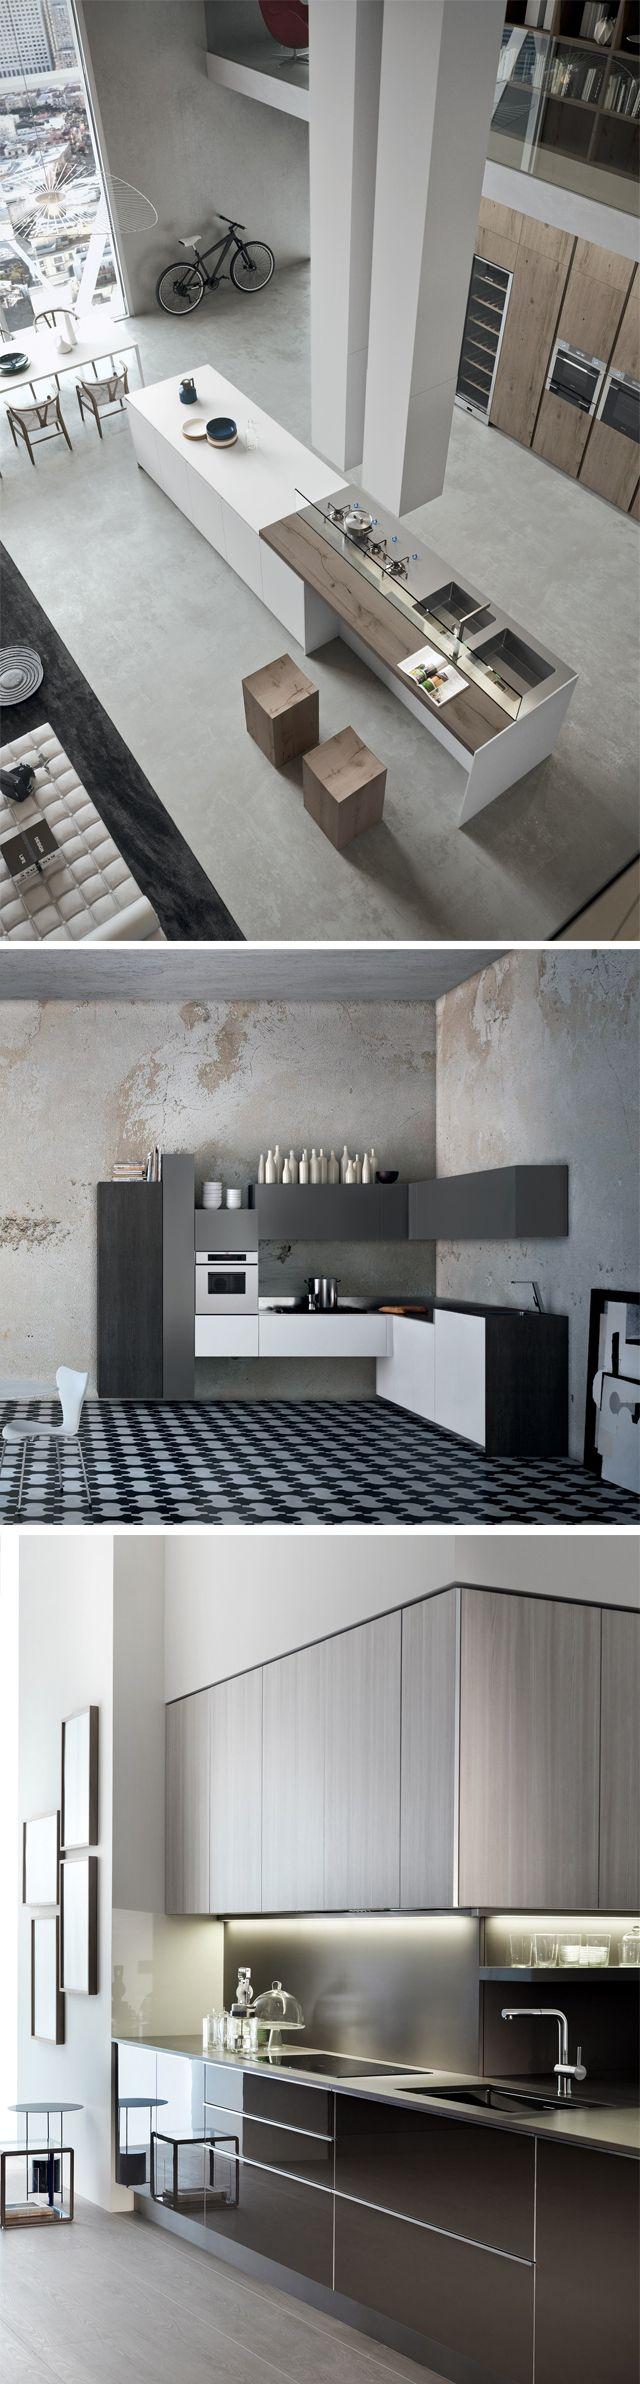 Best Modern Minimalist And Industrial Style 1125 Kitchen 400 x 300